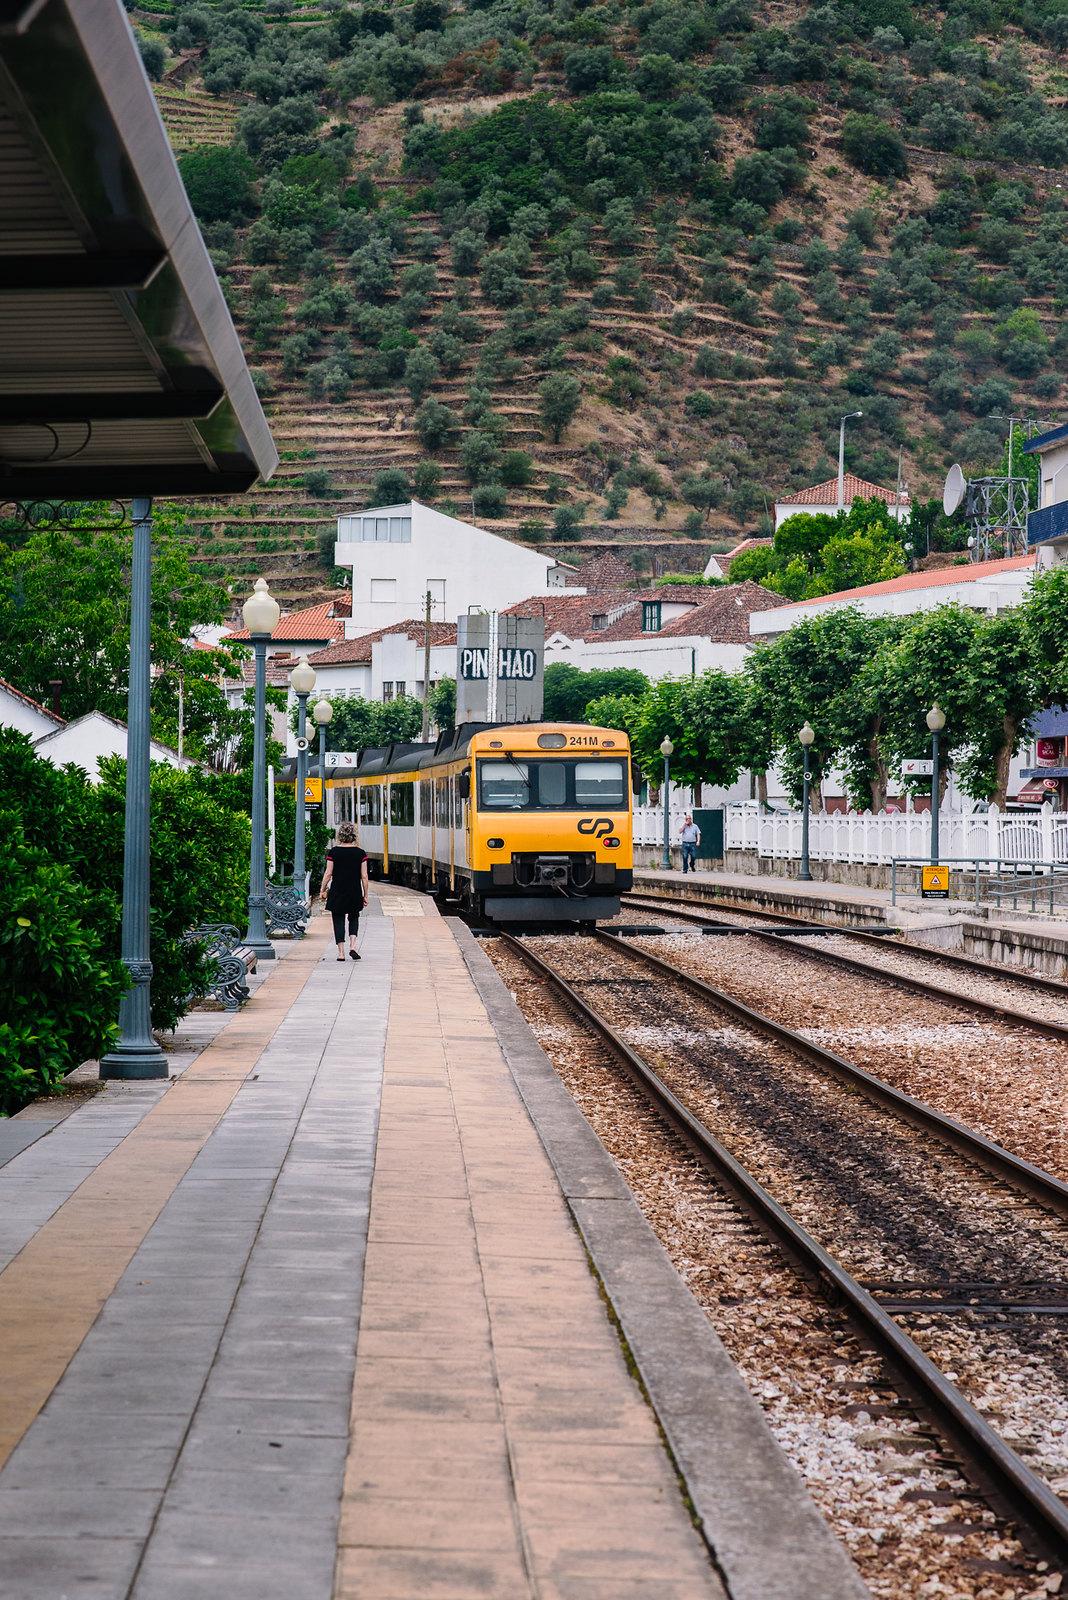 Pinhao vonatállomás